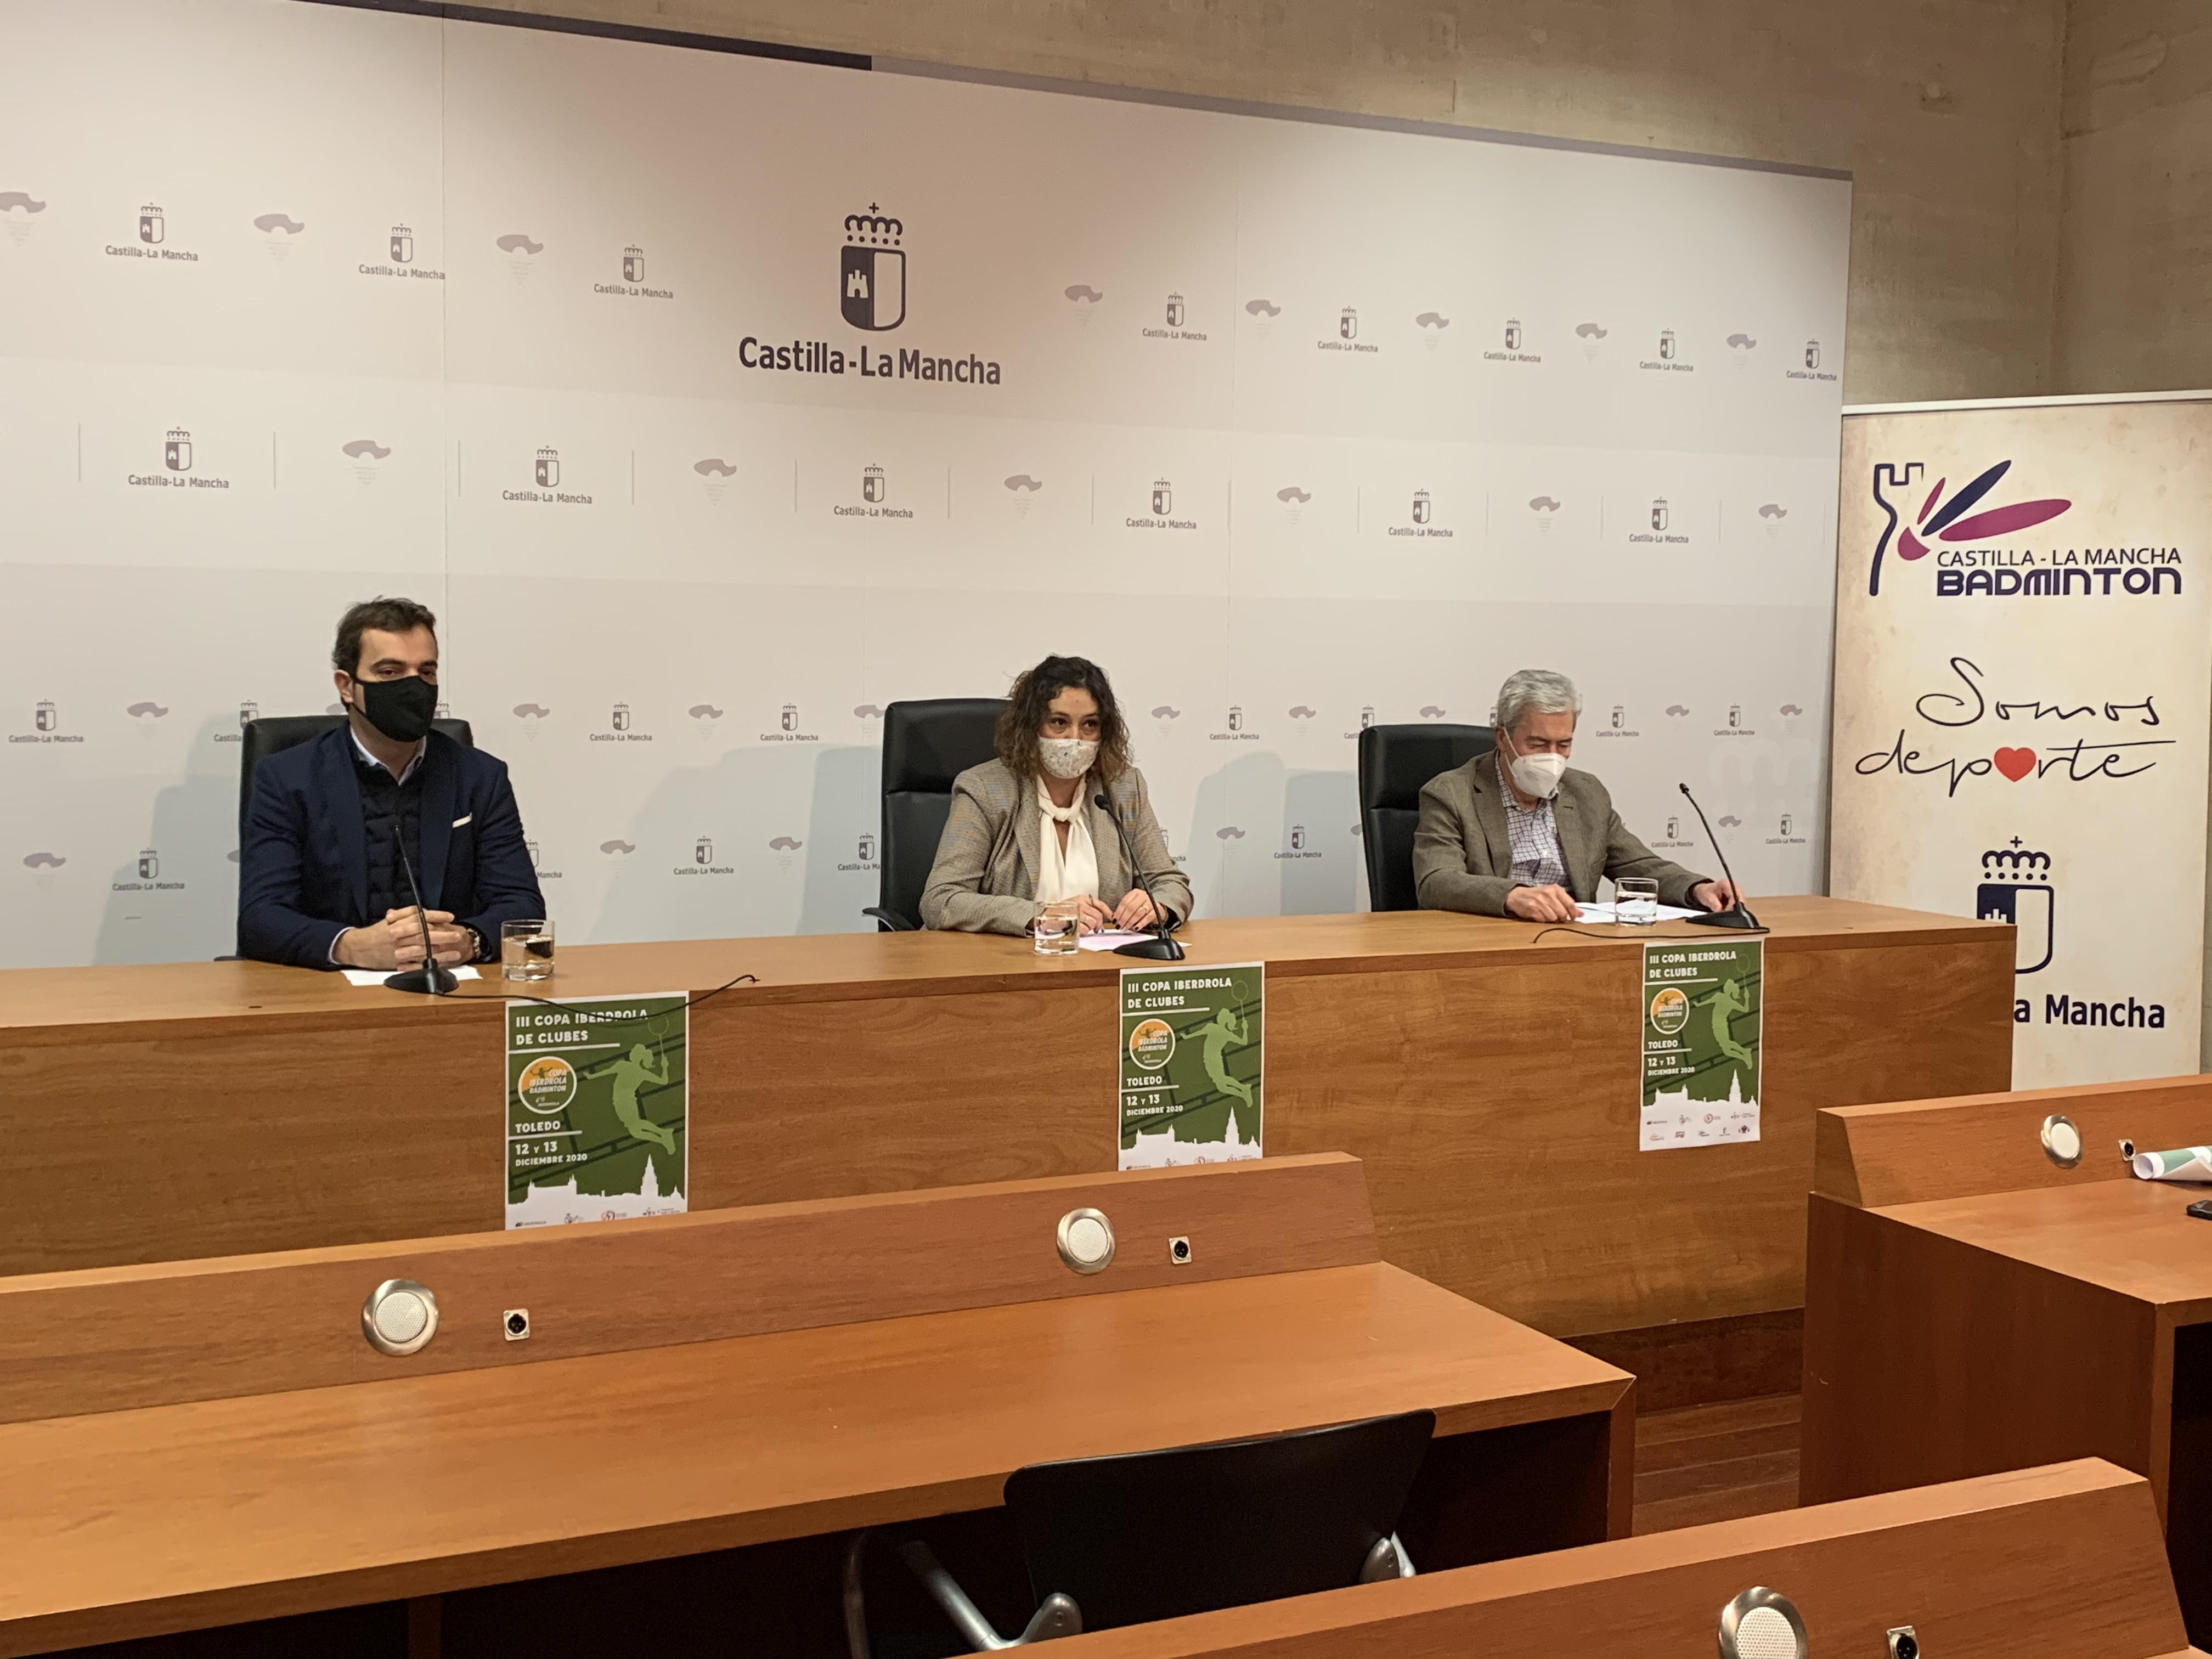 Presentación de la Copa Iberdrola, por parte de la JCCM, Ayto. de Toledo y Federación Regional de Bádminton